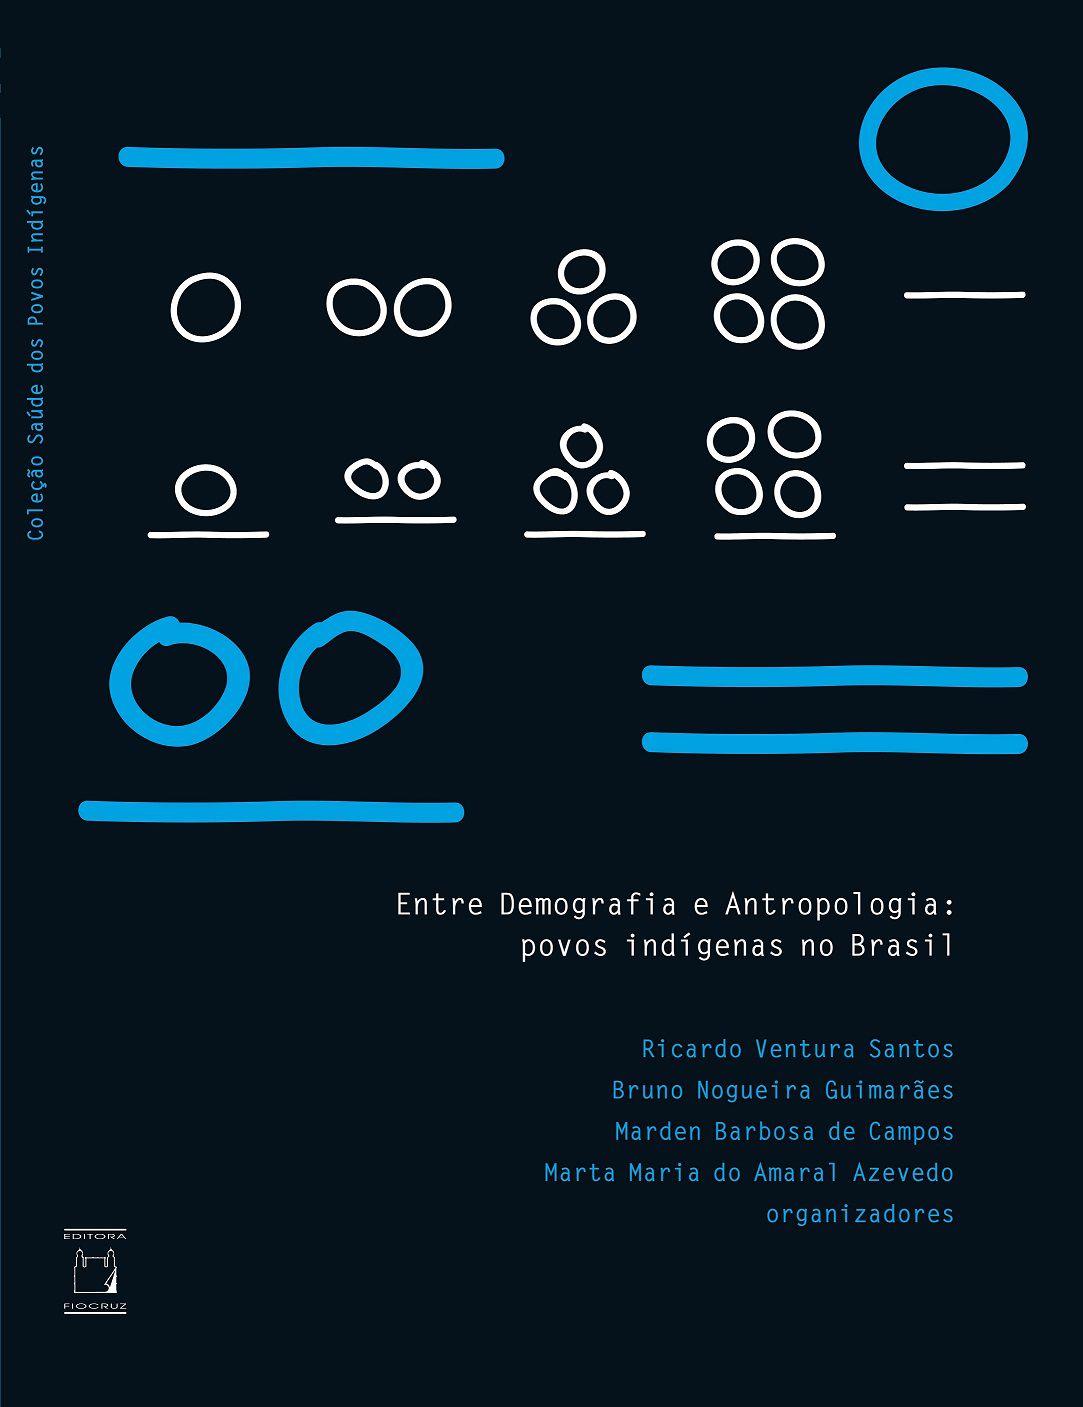 Entre Demografia e Antropologia: povos indígenas no Brasil  - Livraria Virtual da Editora Fiocruz